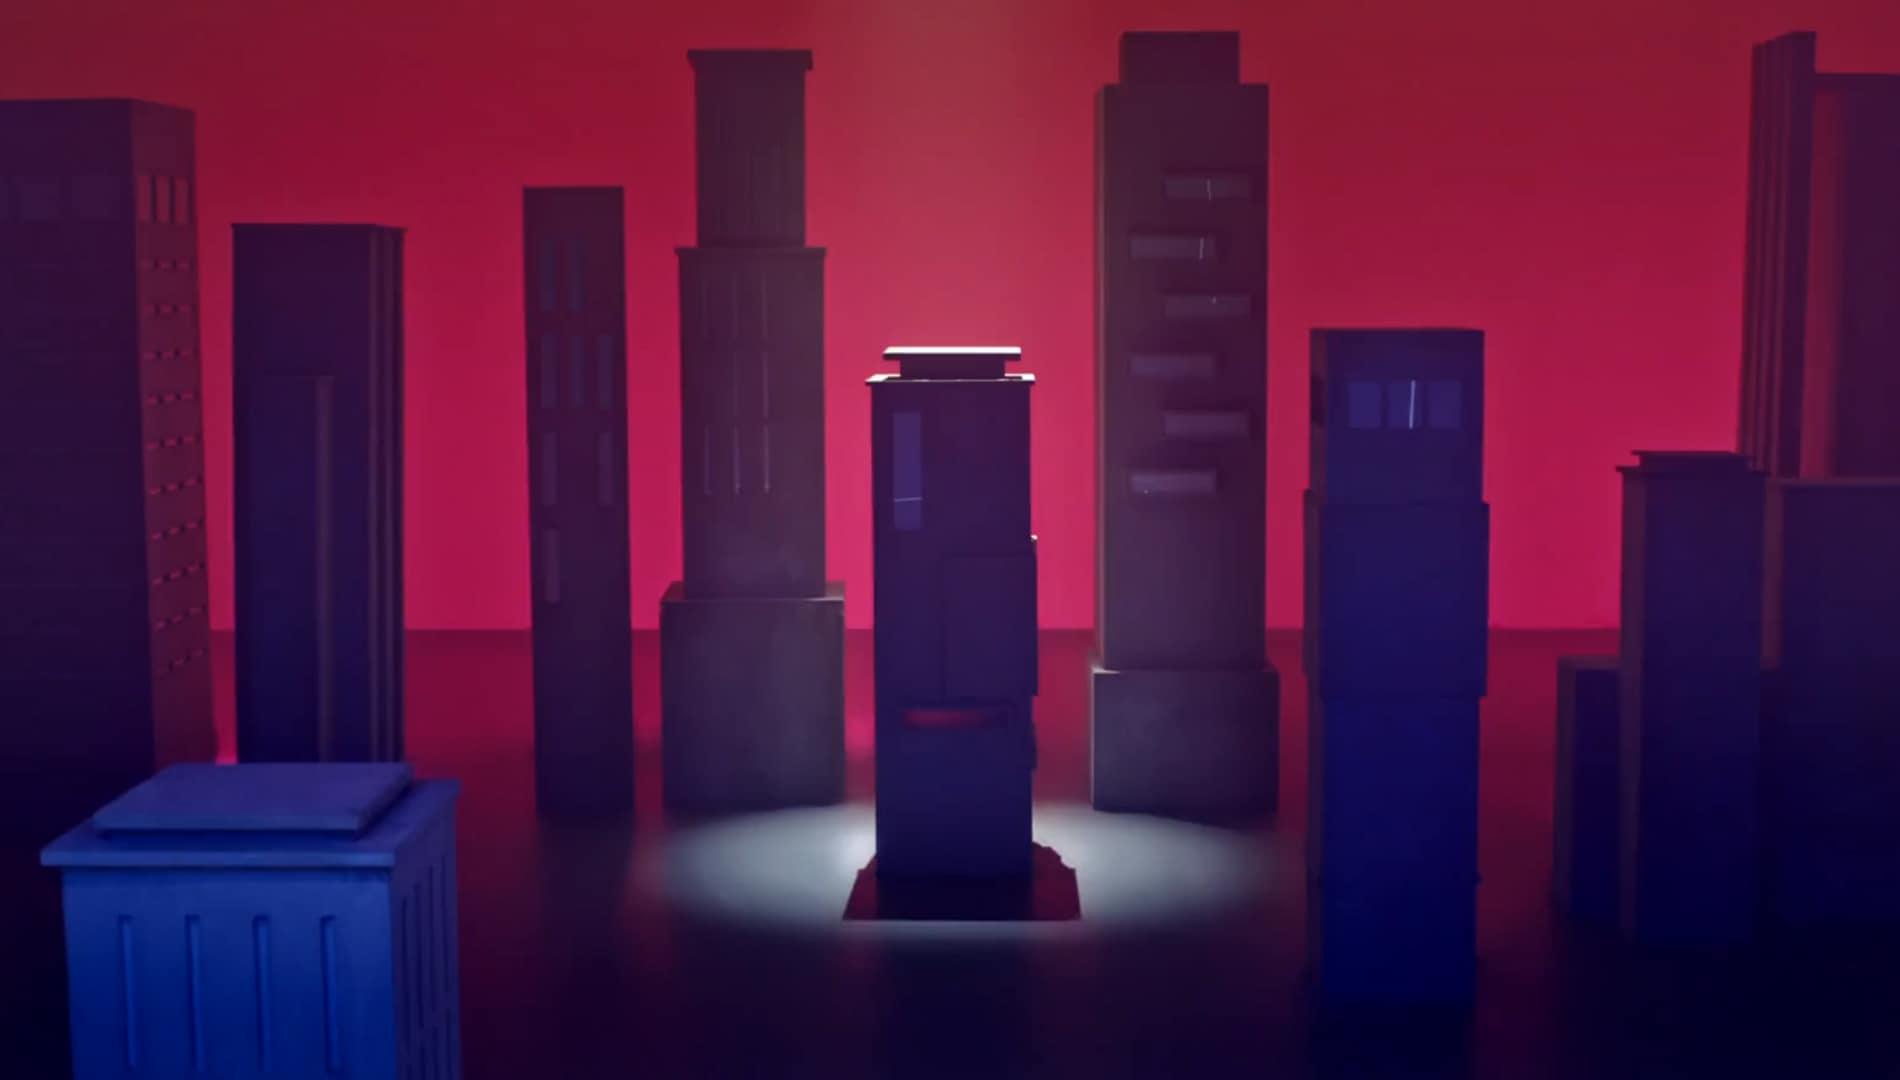 Lenovo Yoga | スマートでプレミアムなノートパソコン、 2-in-1、オールインワン(AIO)デスクトップ | レノボジャパン